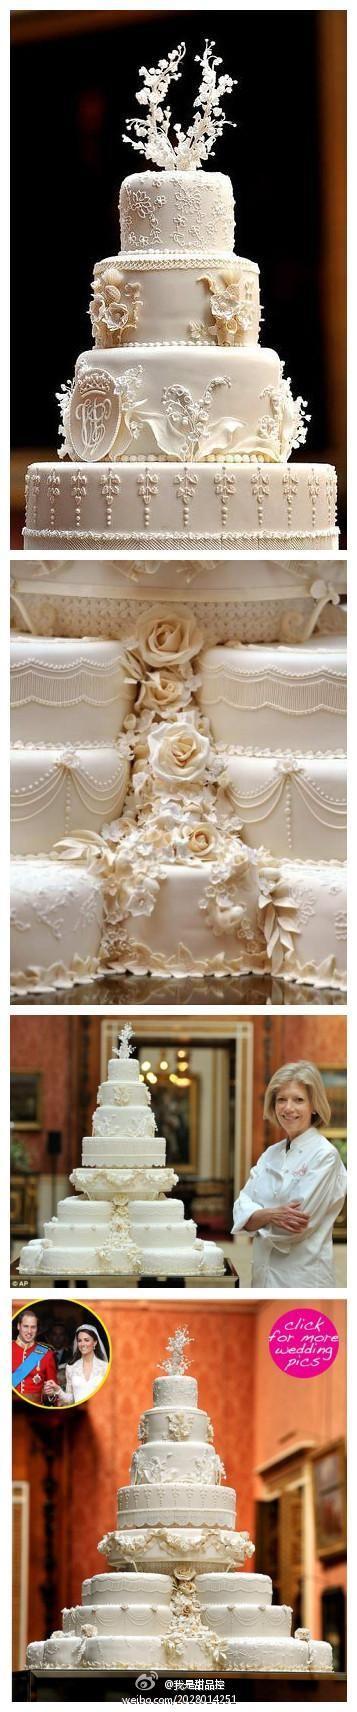 Gateau de mariage royal à 8 étages... #TheBeautyHours